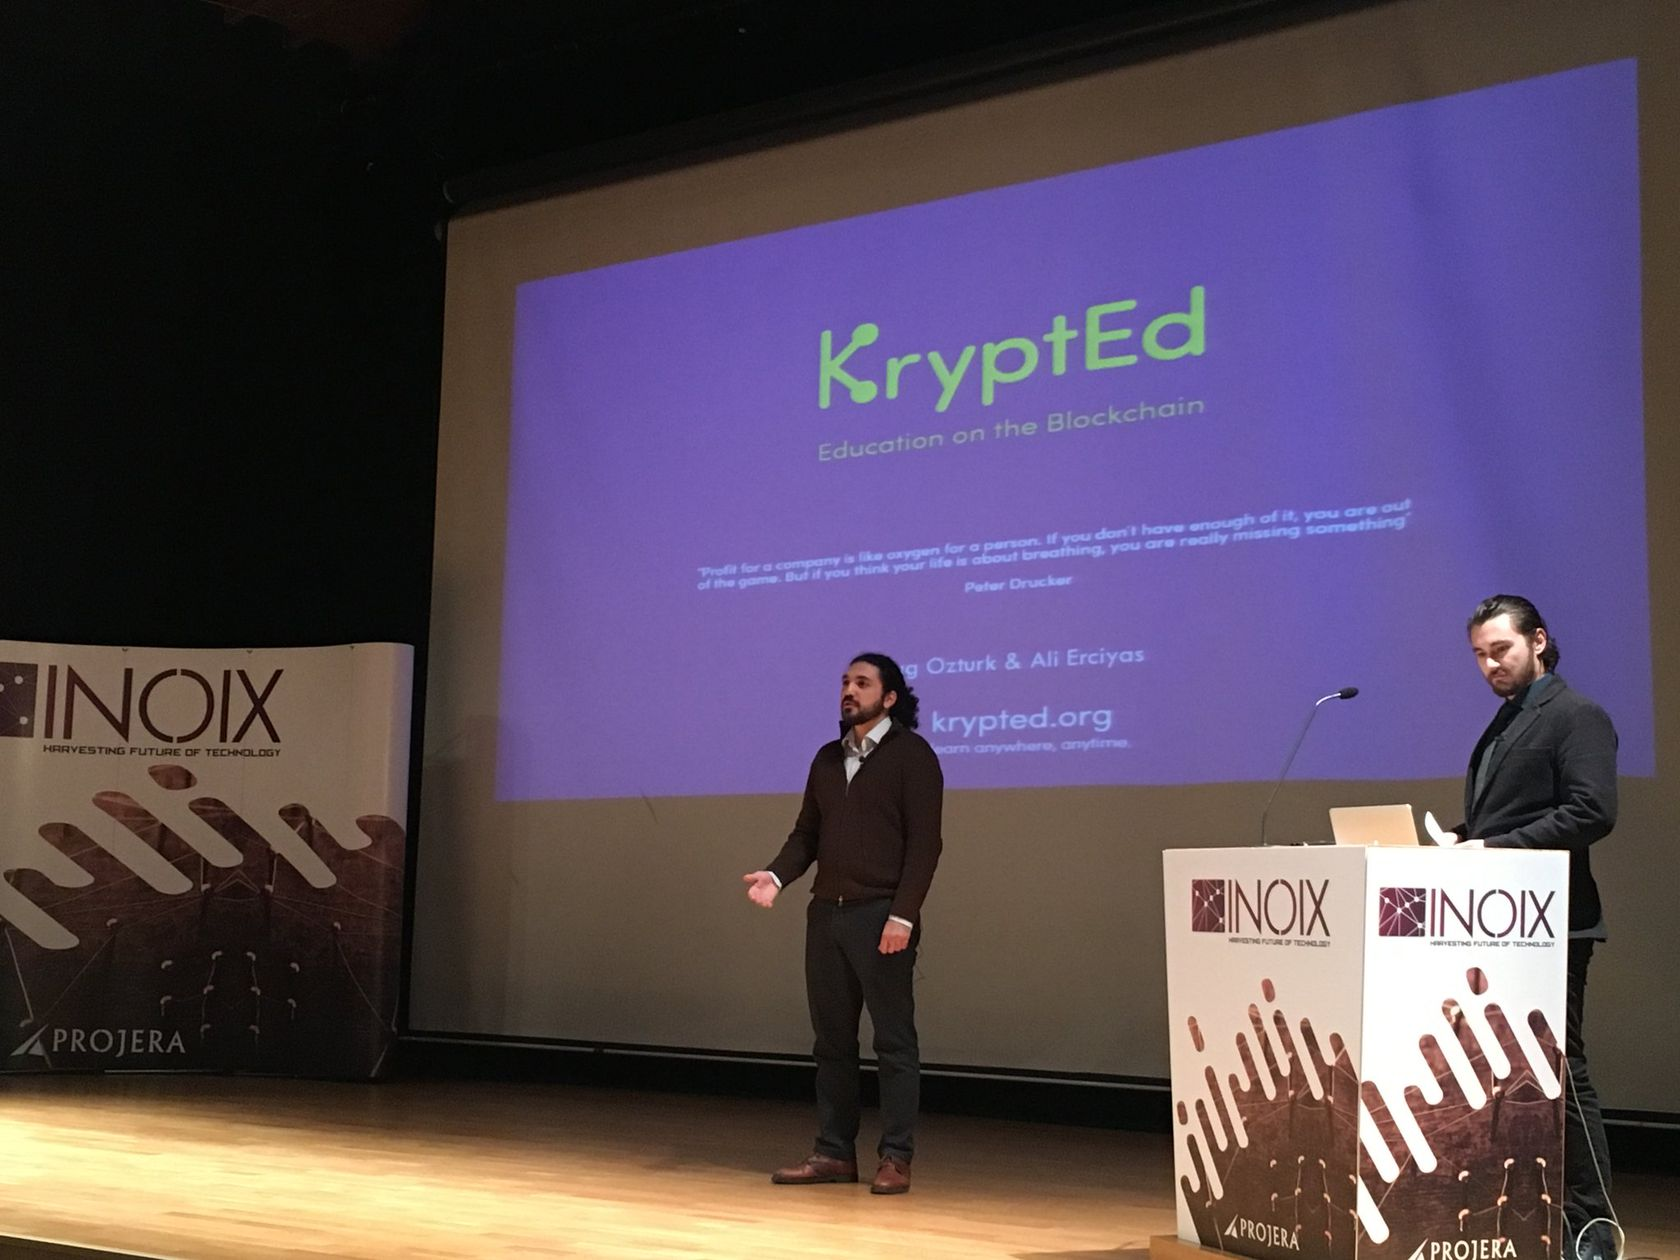 Online Eğitim Sektörünün Blockchain Projesi: KryptEd